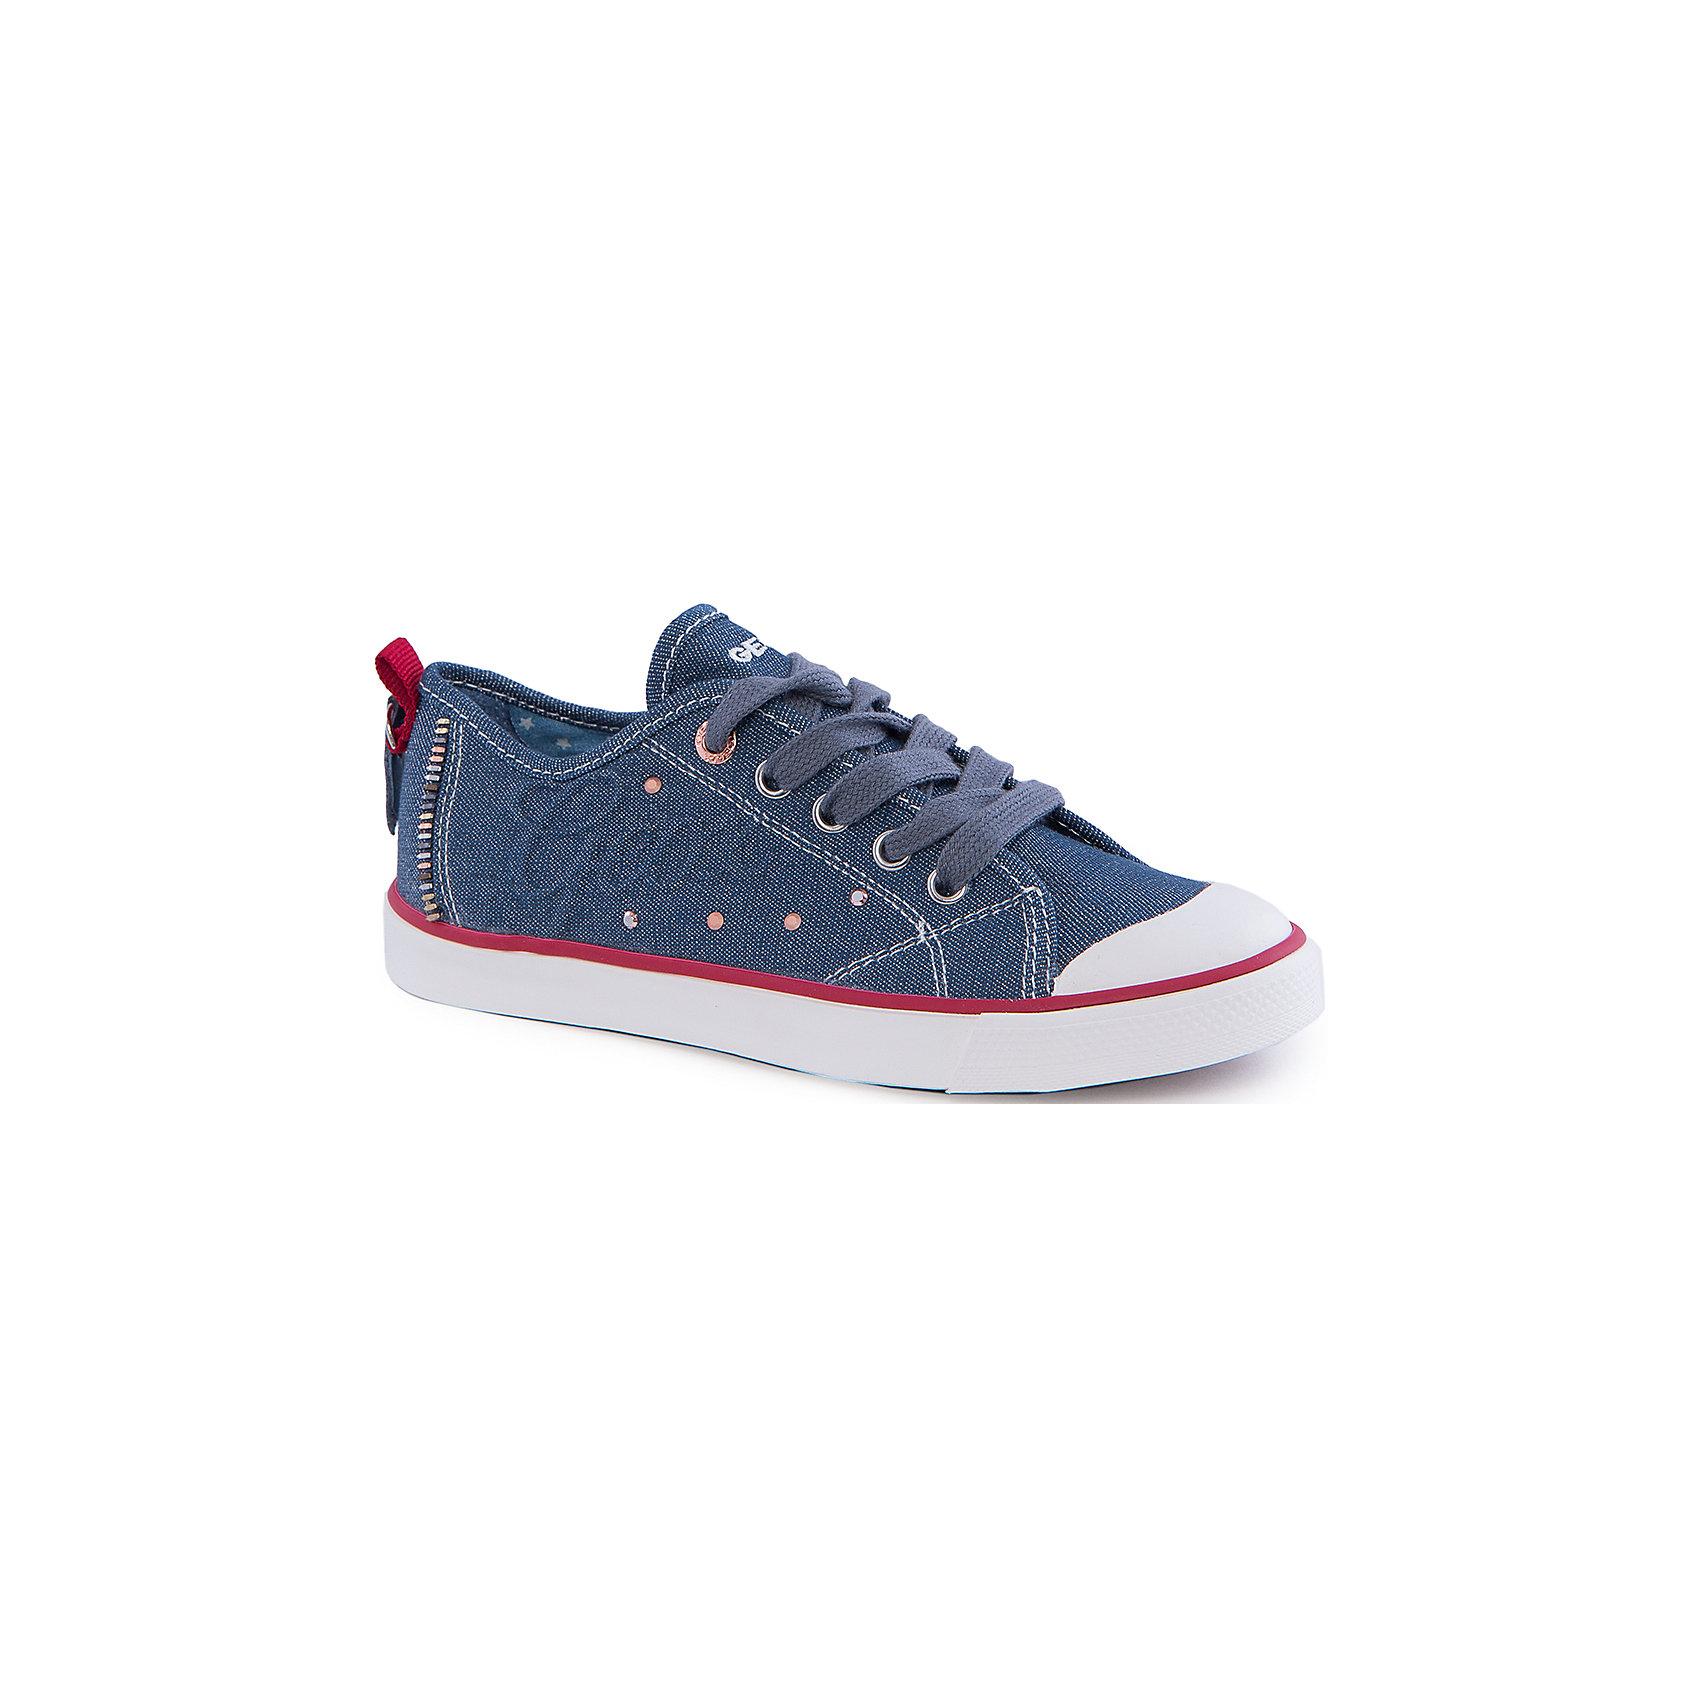 Кеды для девочки GeoxКеды<br>Кеды для девочки от популярной марки GEOX (Геокс).<br><br>Модные легкие Кеды - отличная обувь для нового весеннего сезона. Модель очень стильно и оригинально смотрится.<br>Производитель обуви заботится не только о внешнем виде, но и стабильно высоком качестве продукции. GEOX (Геокс) разработал специальную дышащую подошву, которая не пропускает влагу внутрь, а также высокотехнологичную стельку.<br><br>Отличительные особенности модели:<br><br>- цвет: синий джинс;<br>- декорированы белыми и красными элементами;<br>- гибкая водоотталкивающая подошва с дышащей мембраной;<br>- мягкий и легкий верх;<br>- защита пальцев и пятки;<br>- стильный дизайн;<br>- удобная шнуровка;<br>- комфортное облегание;<br>- верх обуви и подкладка сделаны без использования хрома.<br><br>Дополнительная информация:<br><br>- Температурный режим: от +10° С до 25° С.<br><br>- Состав:<br><br>материал верха: текстиль, синтетический материал<br>материал подкладки: текстиль<br>подошва: 100% резина<br><br>Кеды для девочки GEOX (Геокс) (Геокс) можно купить в нашем магазине.<br><br>Ширина мм: 250<br>Глубина мм: 150<br>Высота мм: 150<br>Вес г: 250<br>Цвет: синий<br>Возраст от месяцев: 72<br>Возраст до месяцев: 84<br>Пол: Женский<br>Возраст: Детский<br>Размер: 30,38,34,33,39,37,29,28,32,35,31,36<br>SKU: 4519428